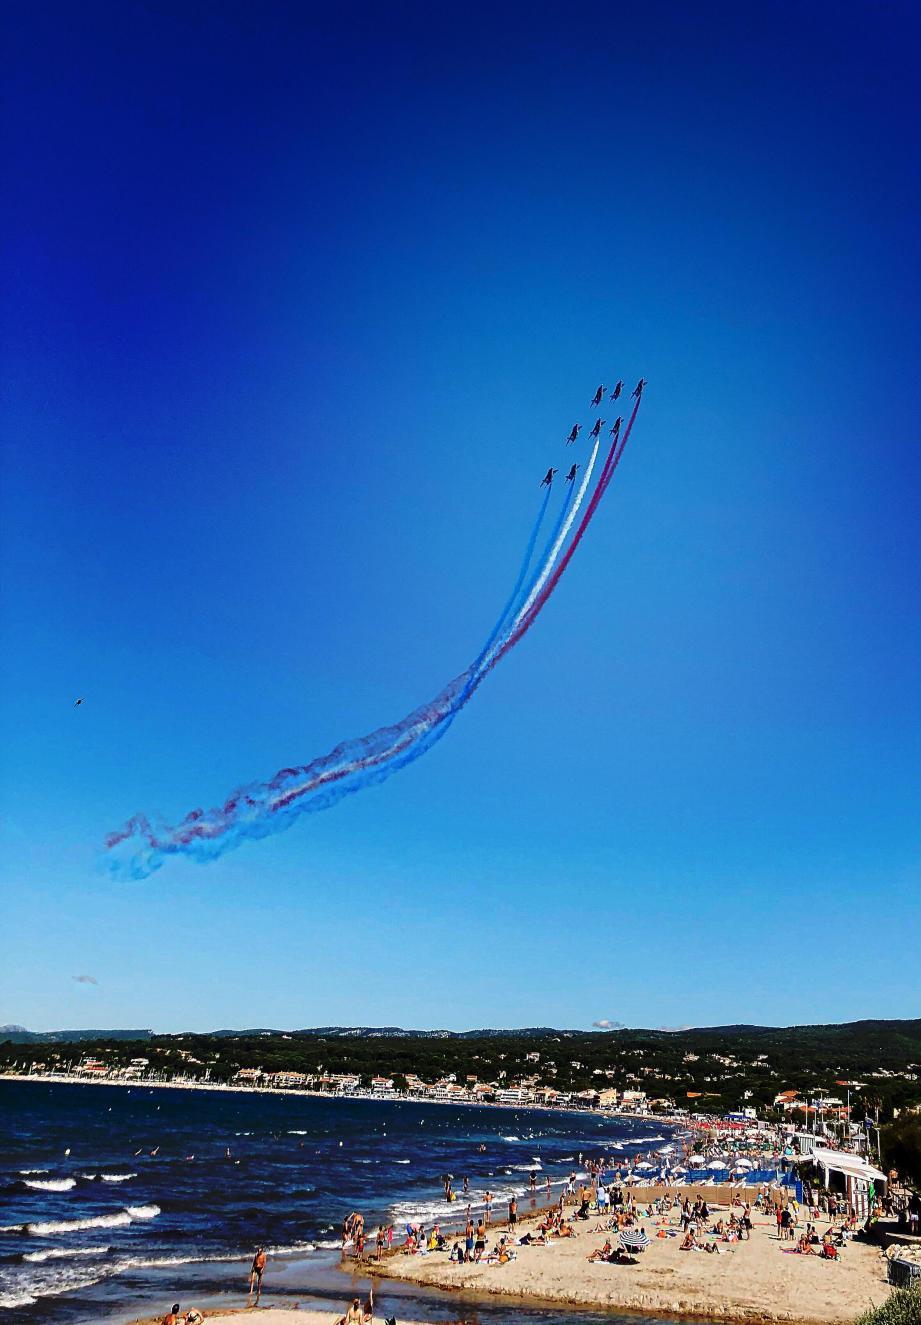 Les Alpha Jet au-dessus de la baie de Saint-Cyr-sur-Mer, ce mardi matin.